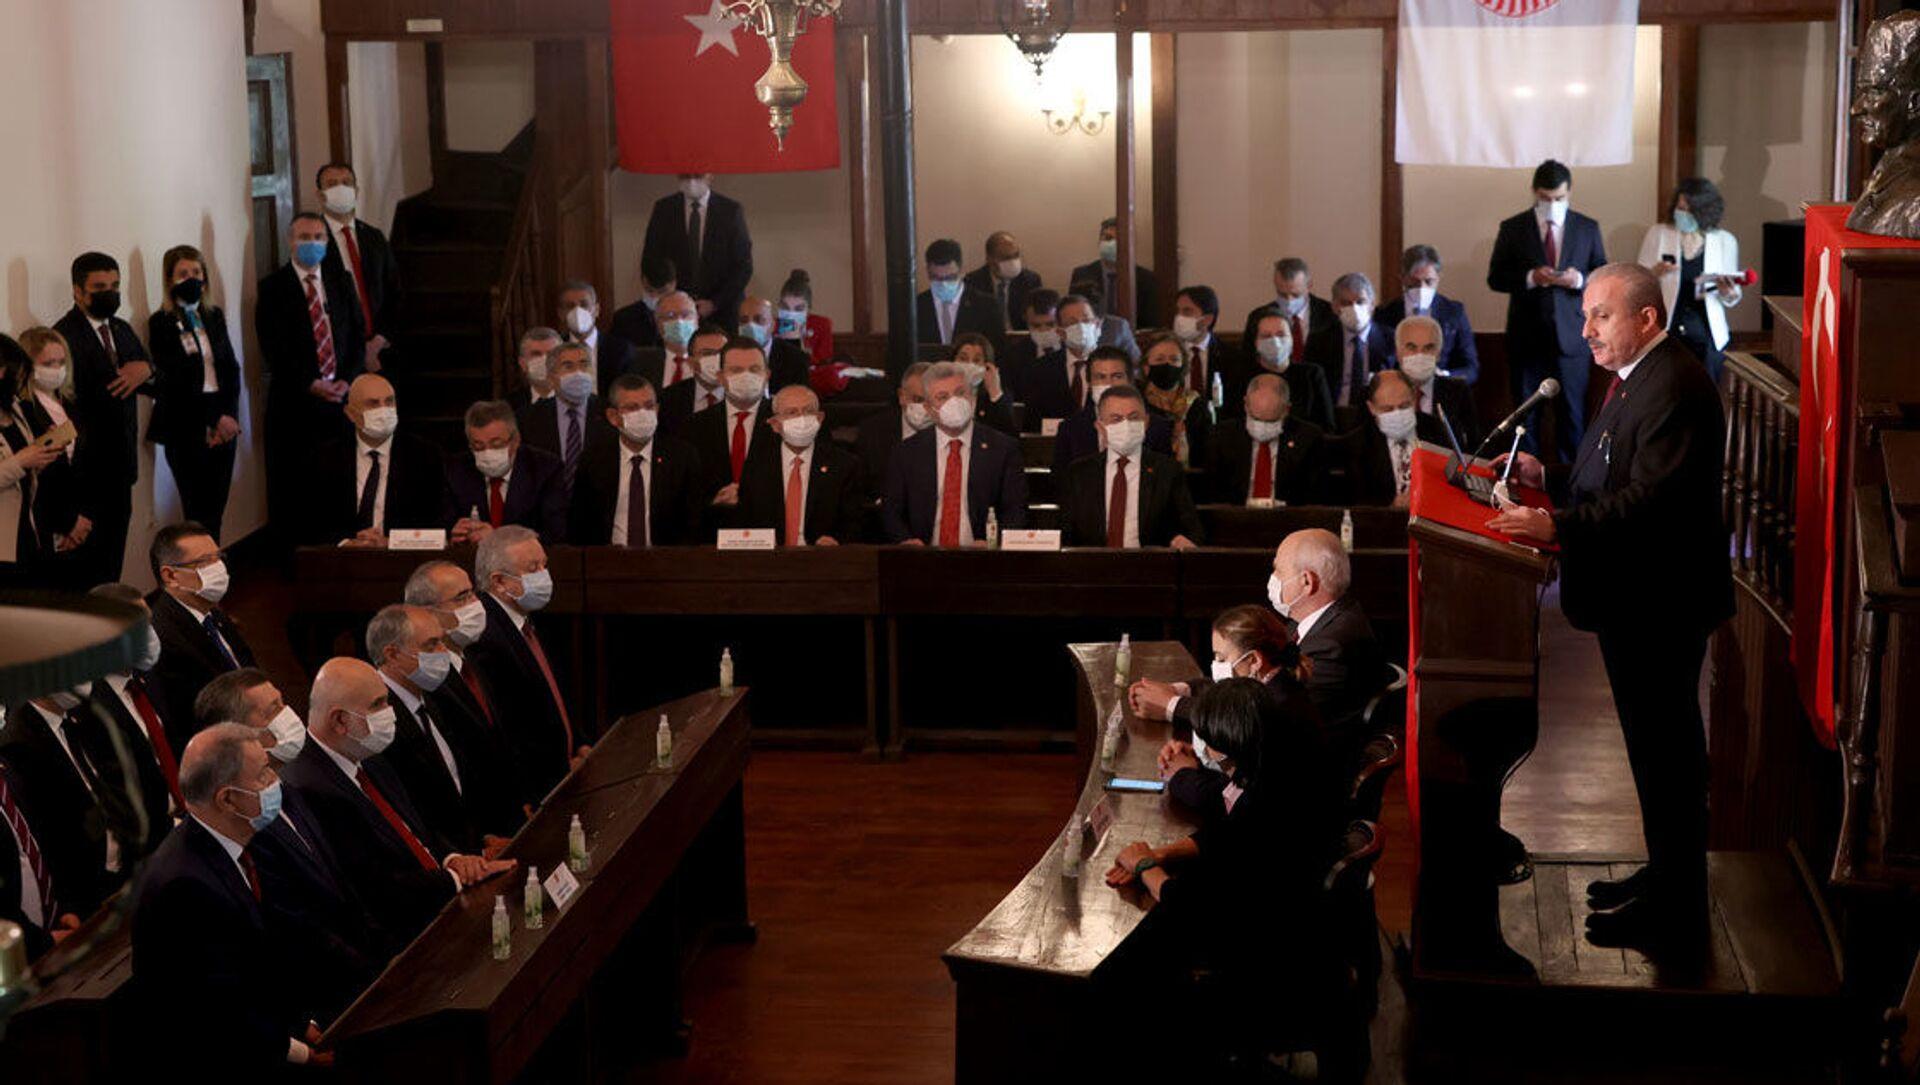 Birinci Meclis, 23 Nisan tören, TBMM Başkanı Mustafa Şentop - Sputnik Türkiye, 1920, 23.04.2021